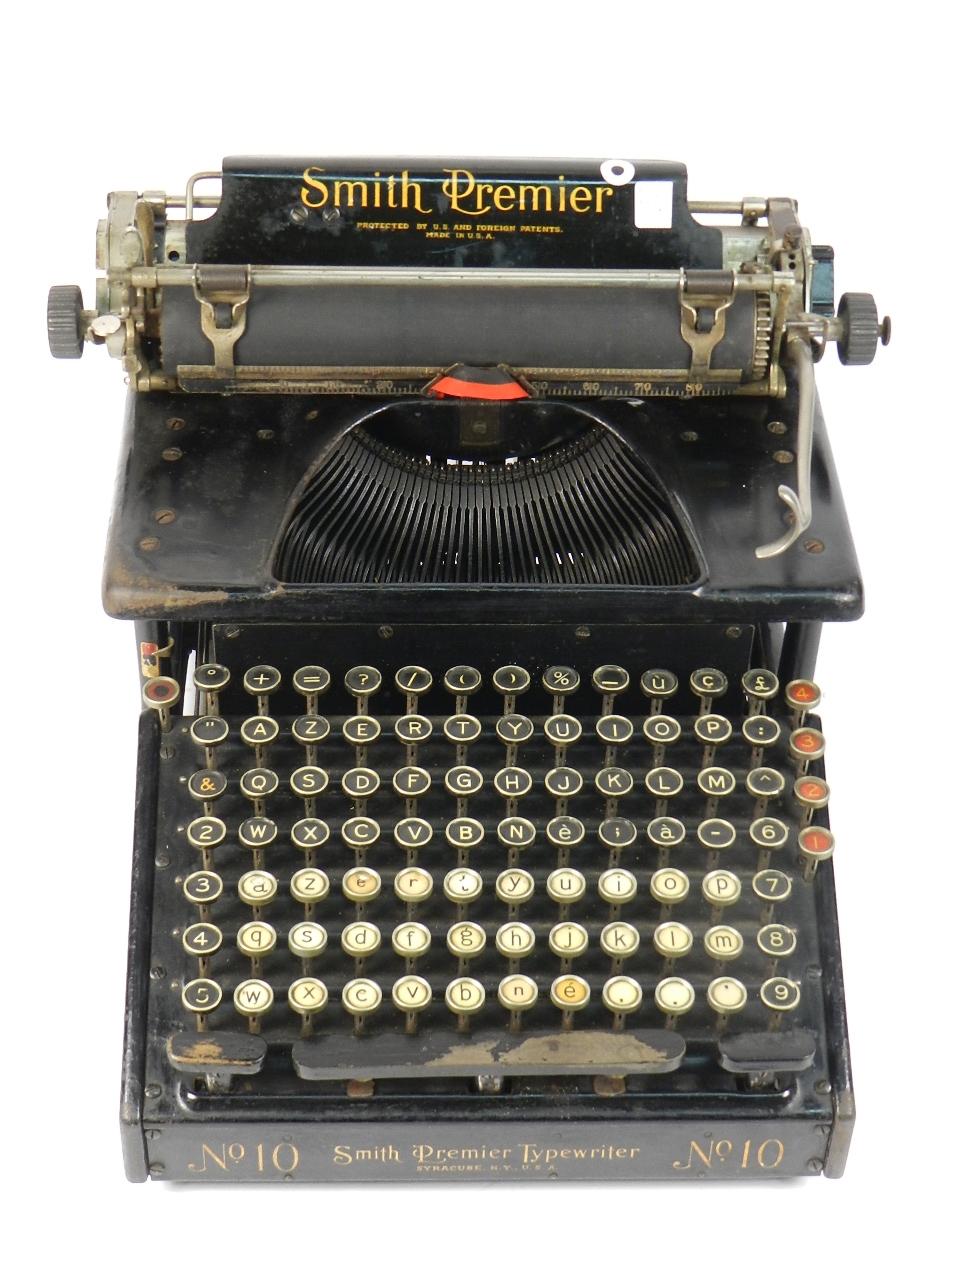 Imagen SMITH PREMIER 10  AÑO 1920 31193